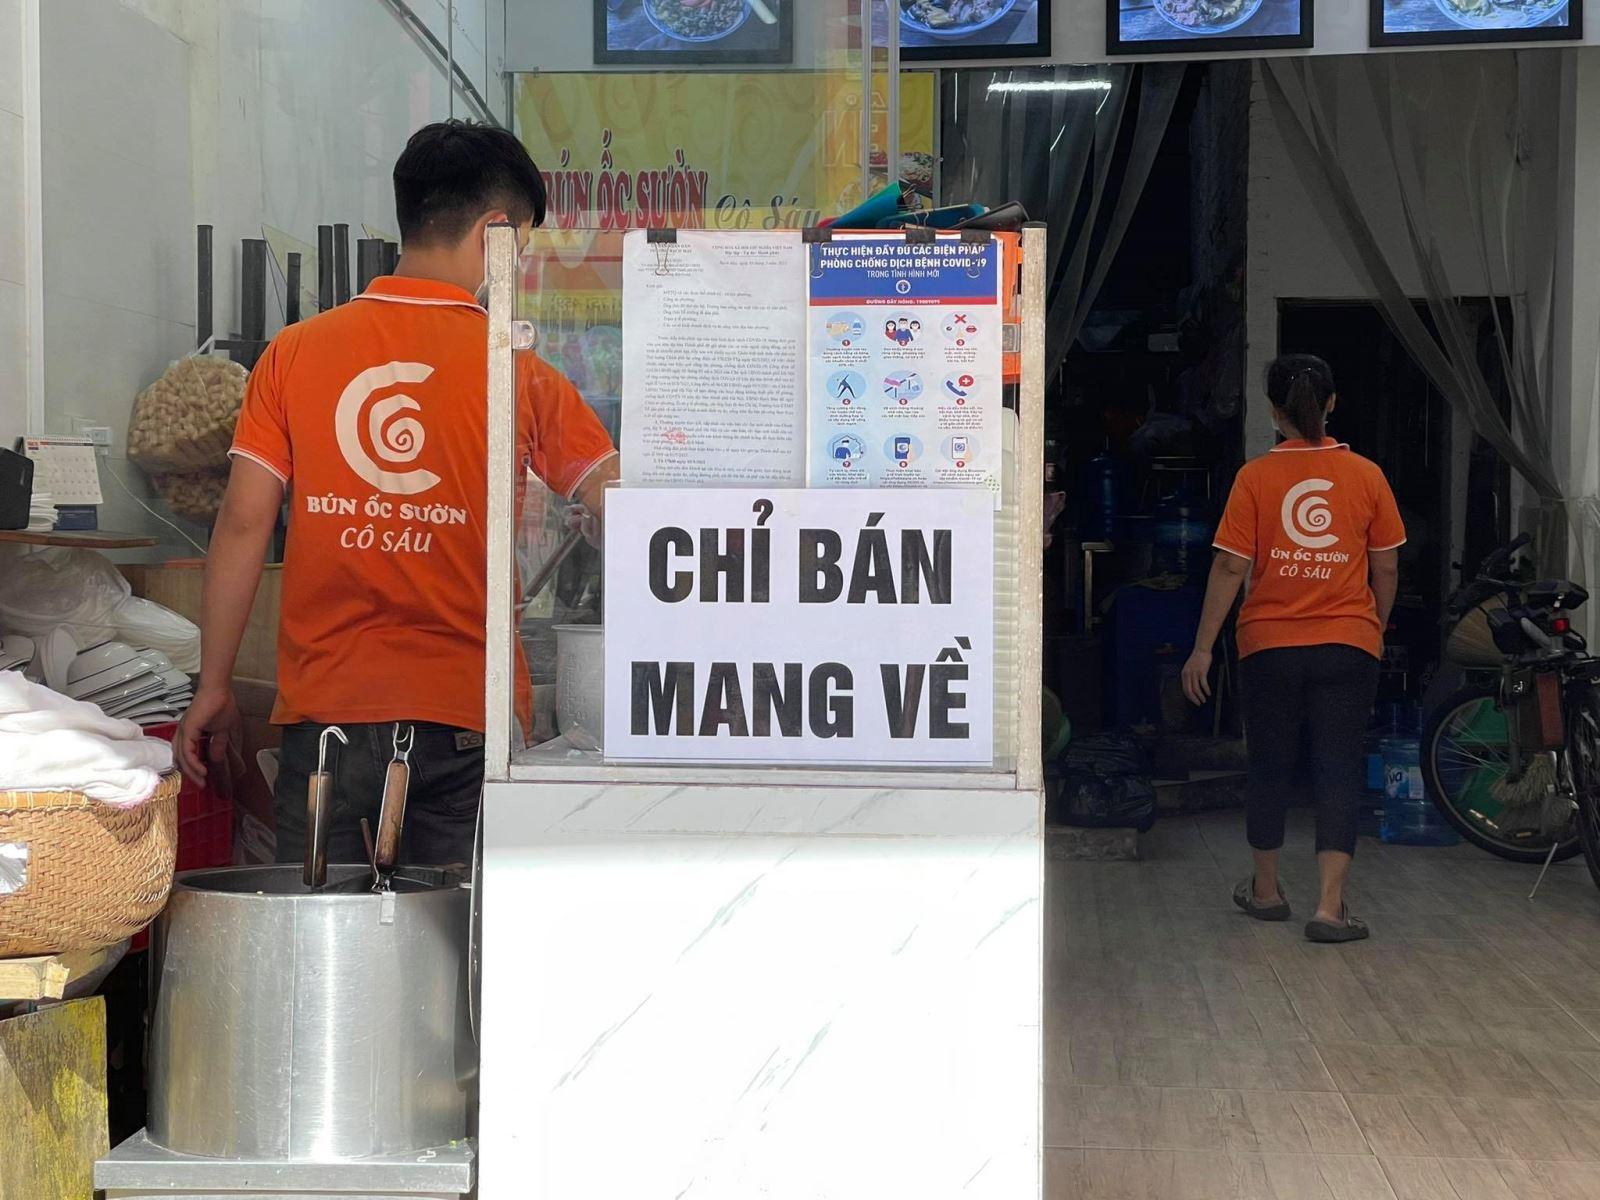 ha noi cho phep mo mot so co so kinh doanh quan an duoc ban mang ve tai mot so dia ban